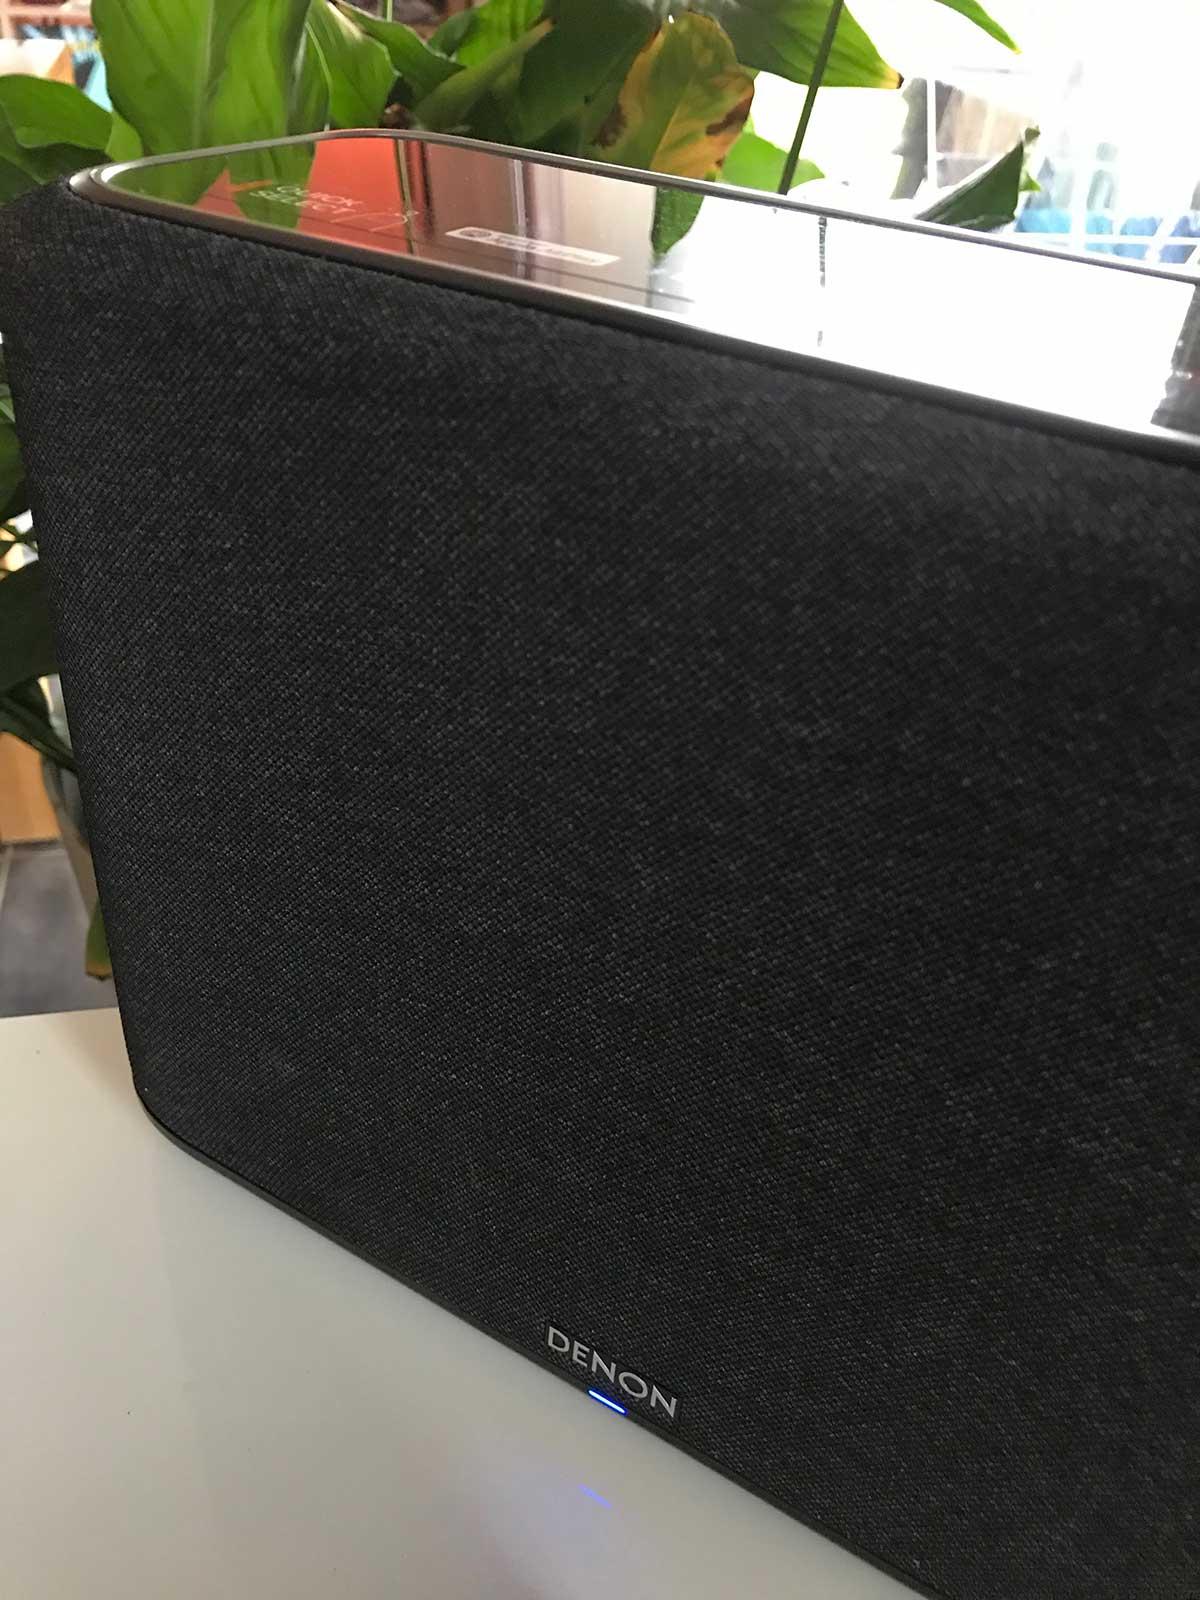 L'enceinte Denon Home est compatible AirPlay 2 pour l'écoute de Deezer HiFi en qualité CD